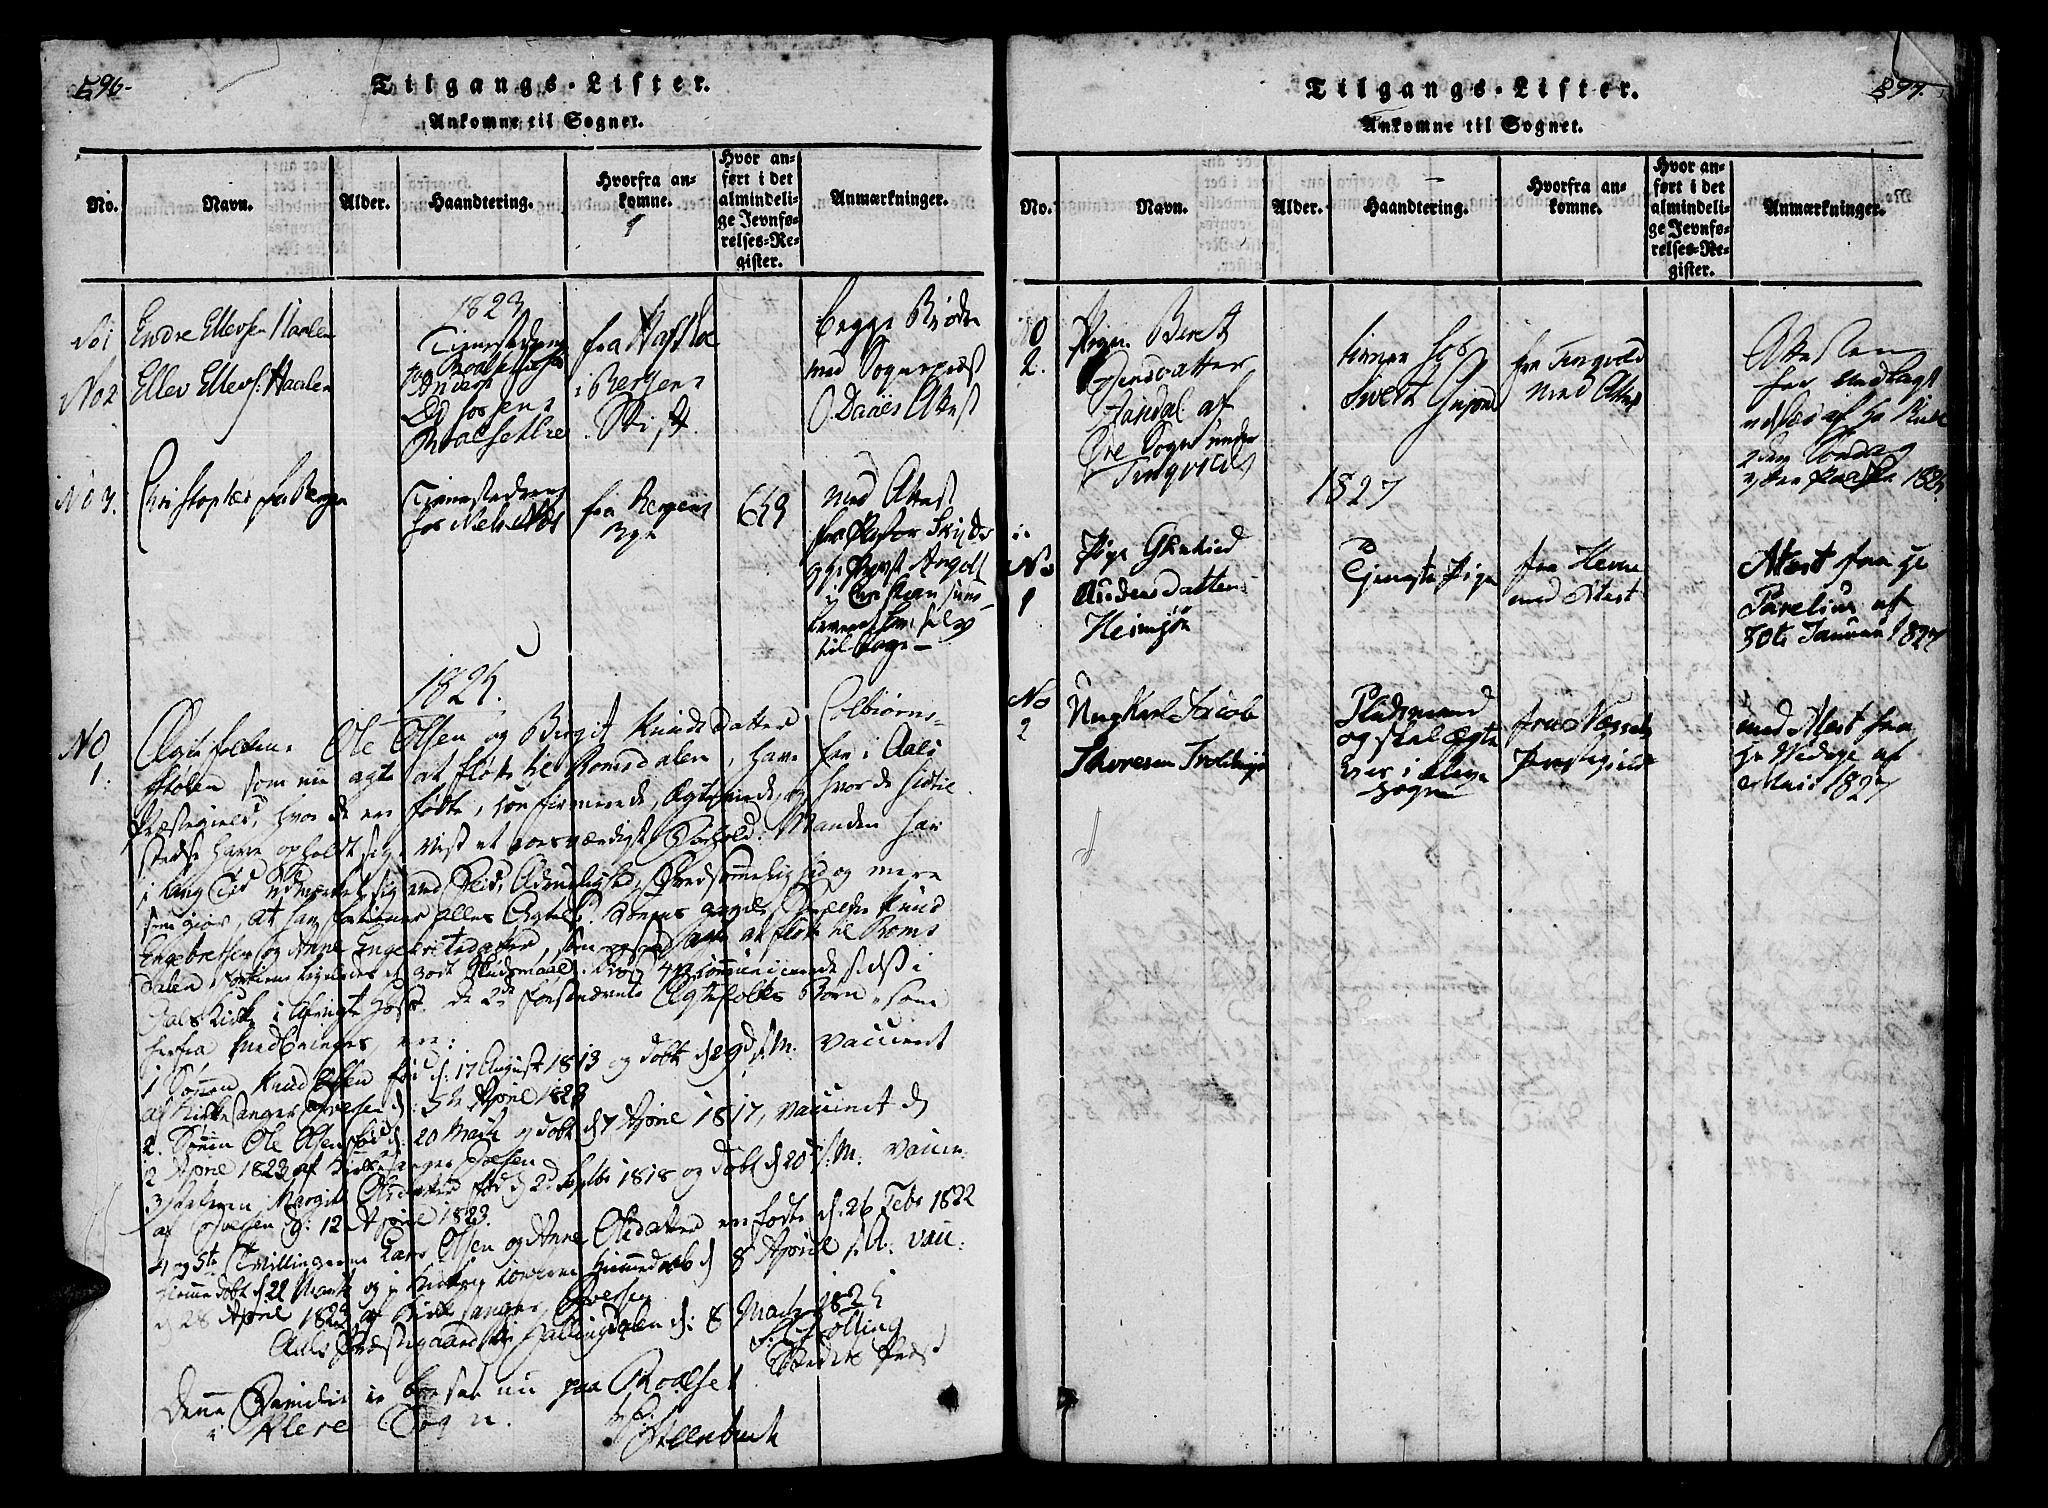 SAT, Ministerialprotokoller, klokkerbøker og fødselsregistre - Møre og Romsdal, 557/L0679: Ministerialbok nr. 557A01, 1818-1843, s. 596-597